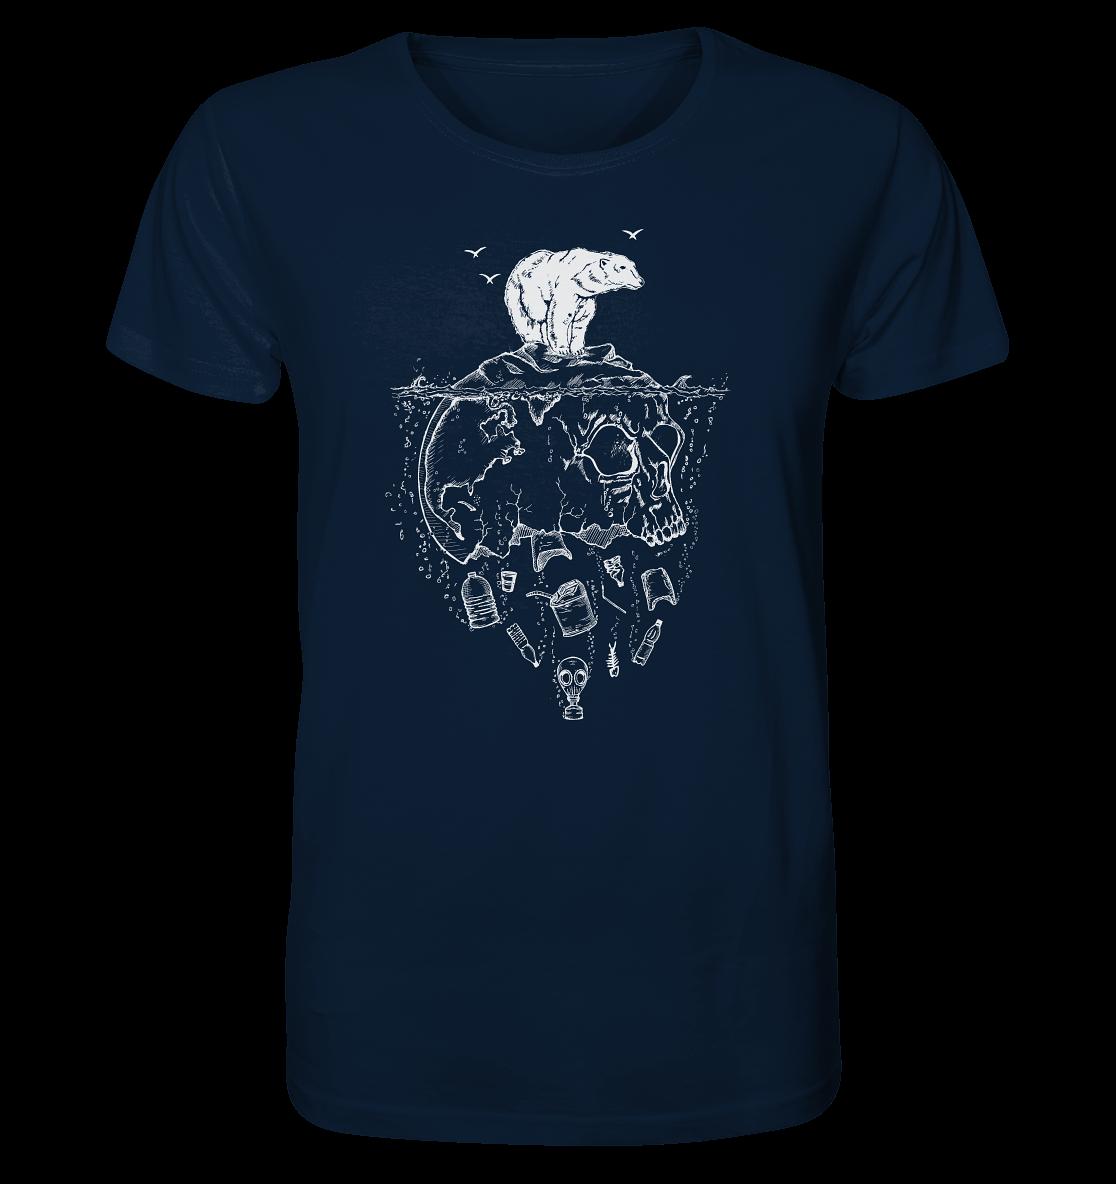 front-organic-shirt-0e2035-1116x-5.png